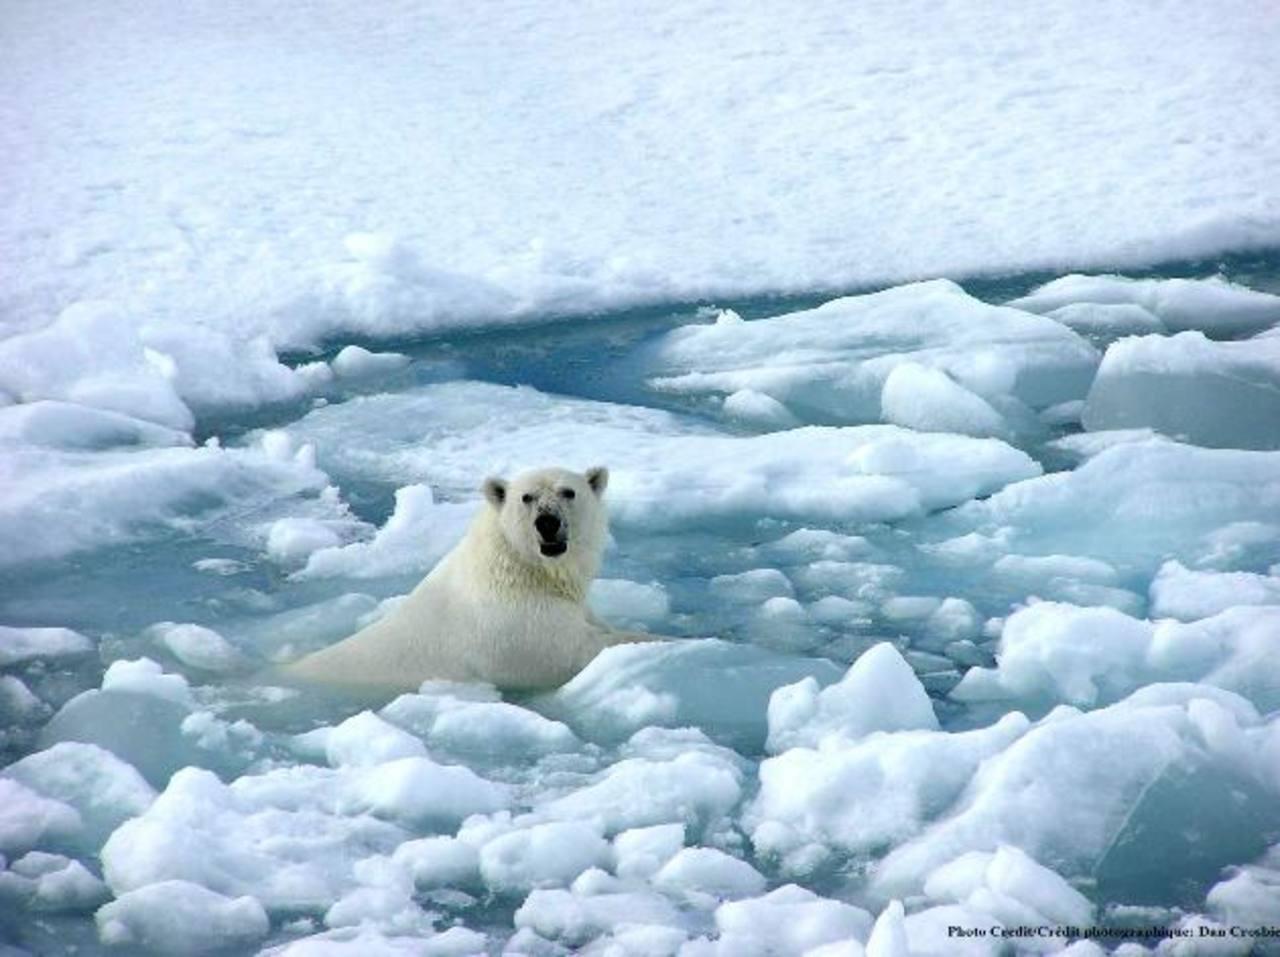 A los osos polares se les dificulta sobrevivir en témpanos de hielo cada vez más frágiles. fotos edh